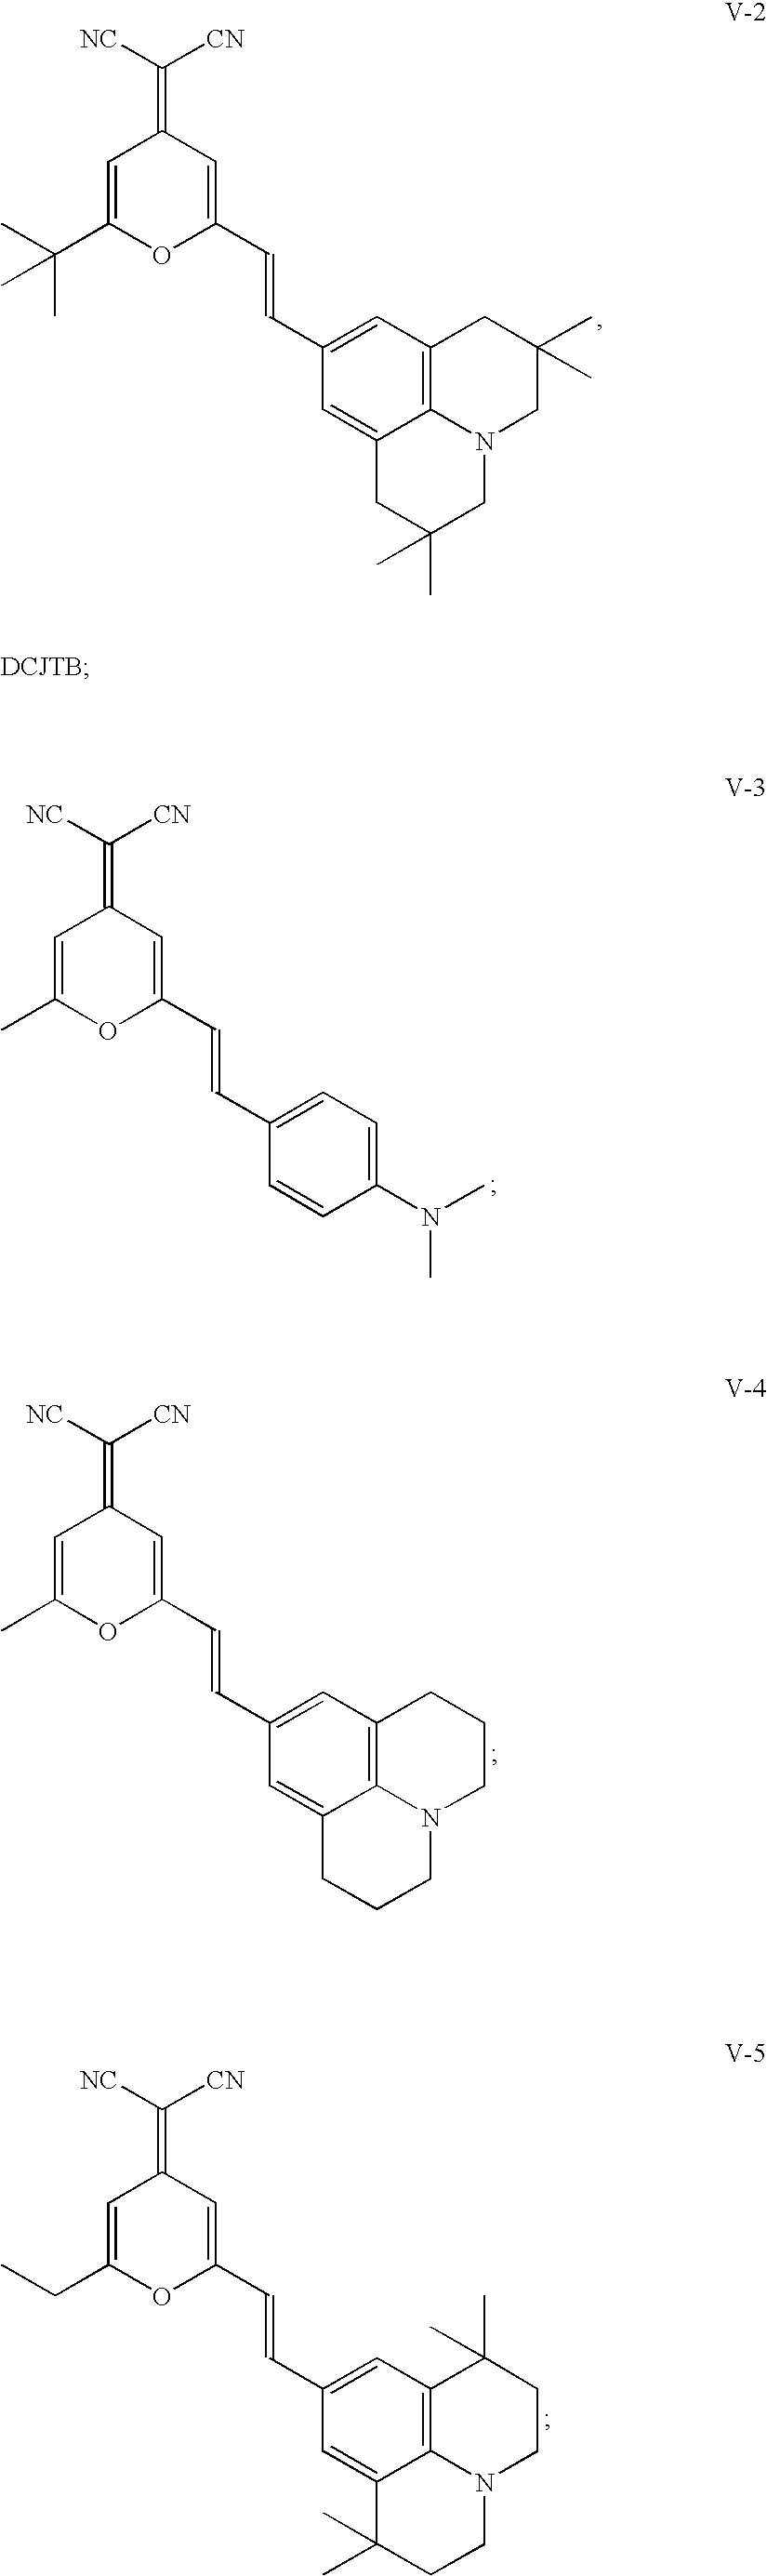 Figure US20070048545A1-20070301-C00045